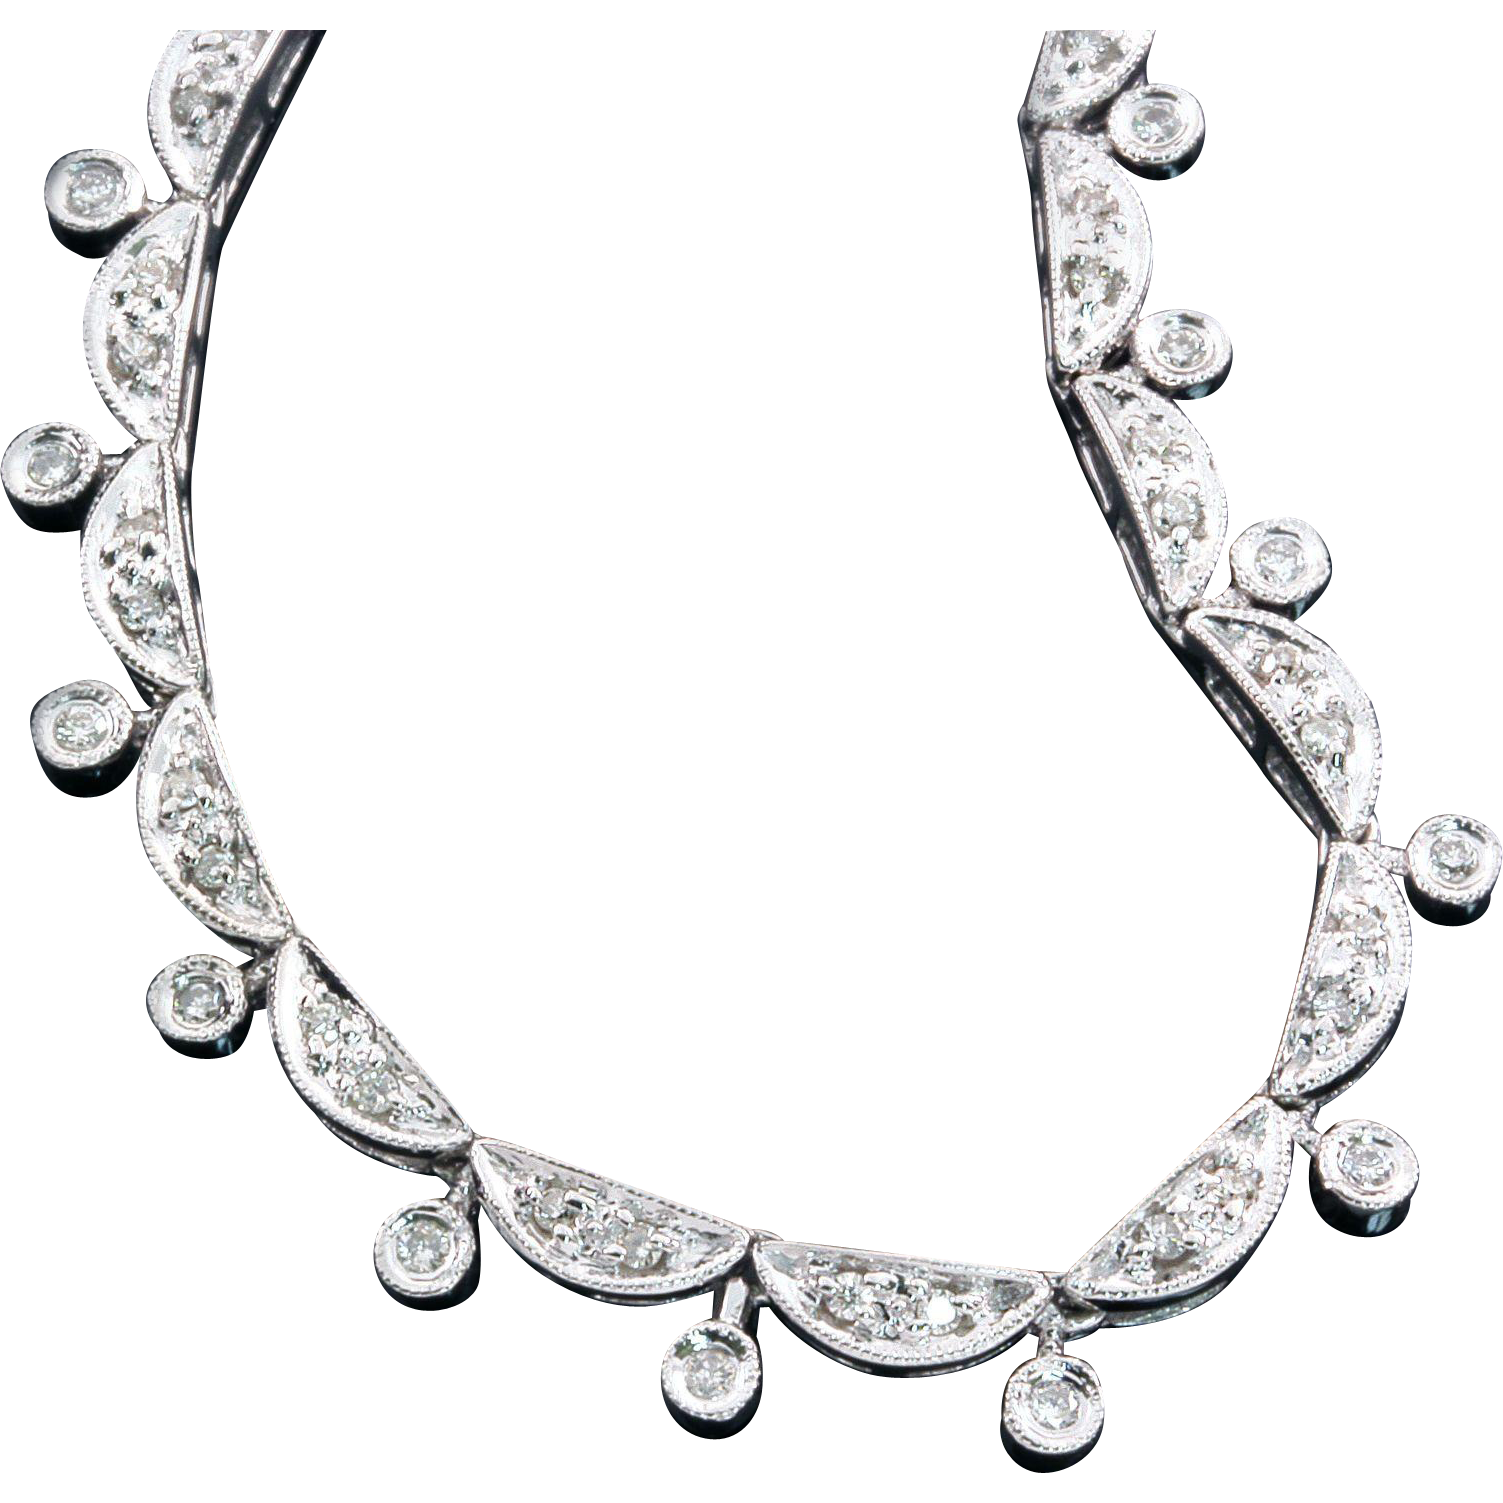 Vintage Diamond Necklace 14K White Gold 0.50ctw Gatsby Era 20's Style